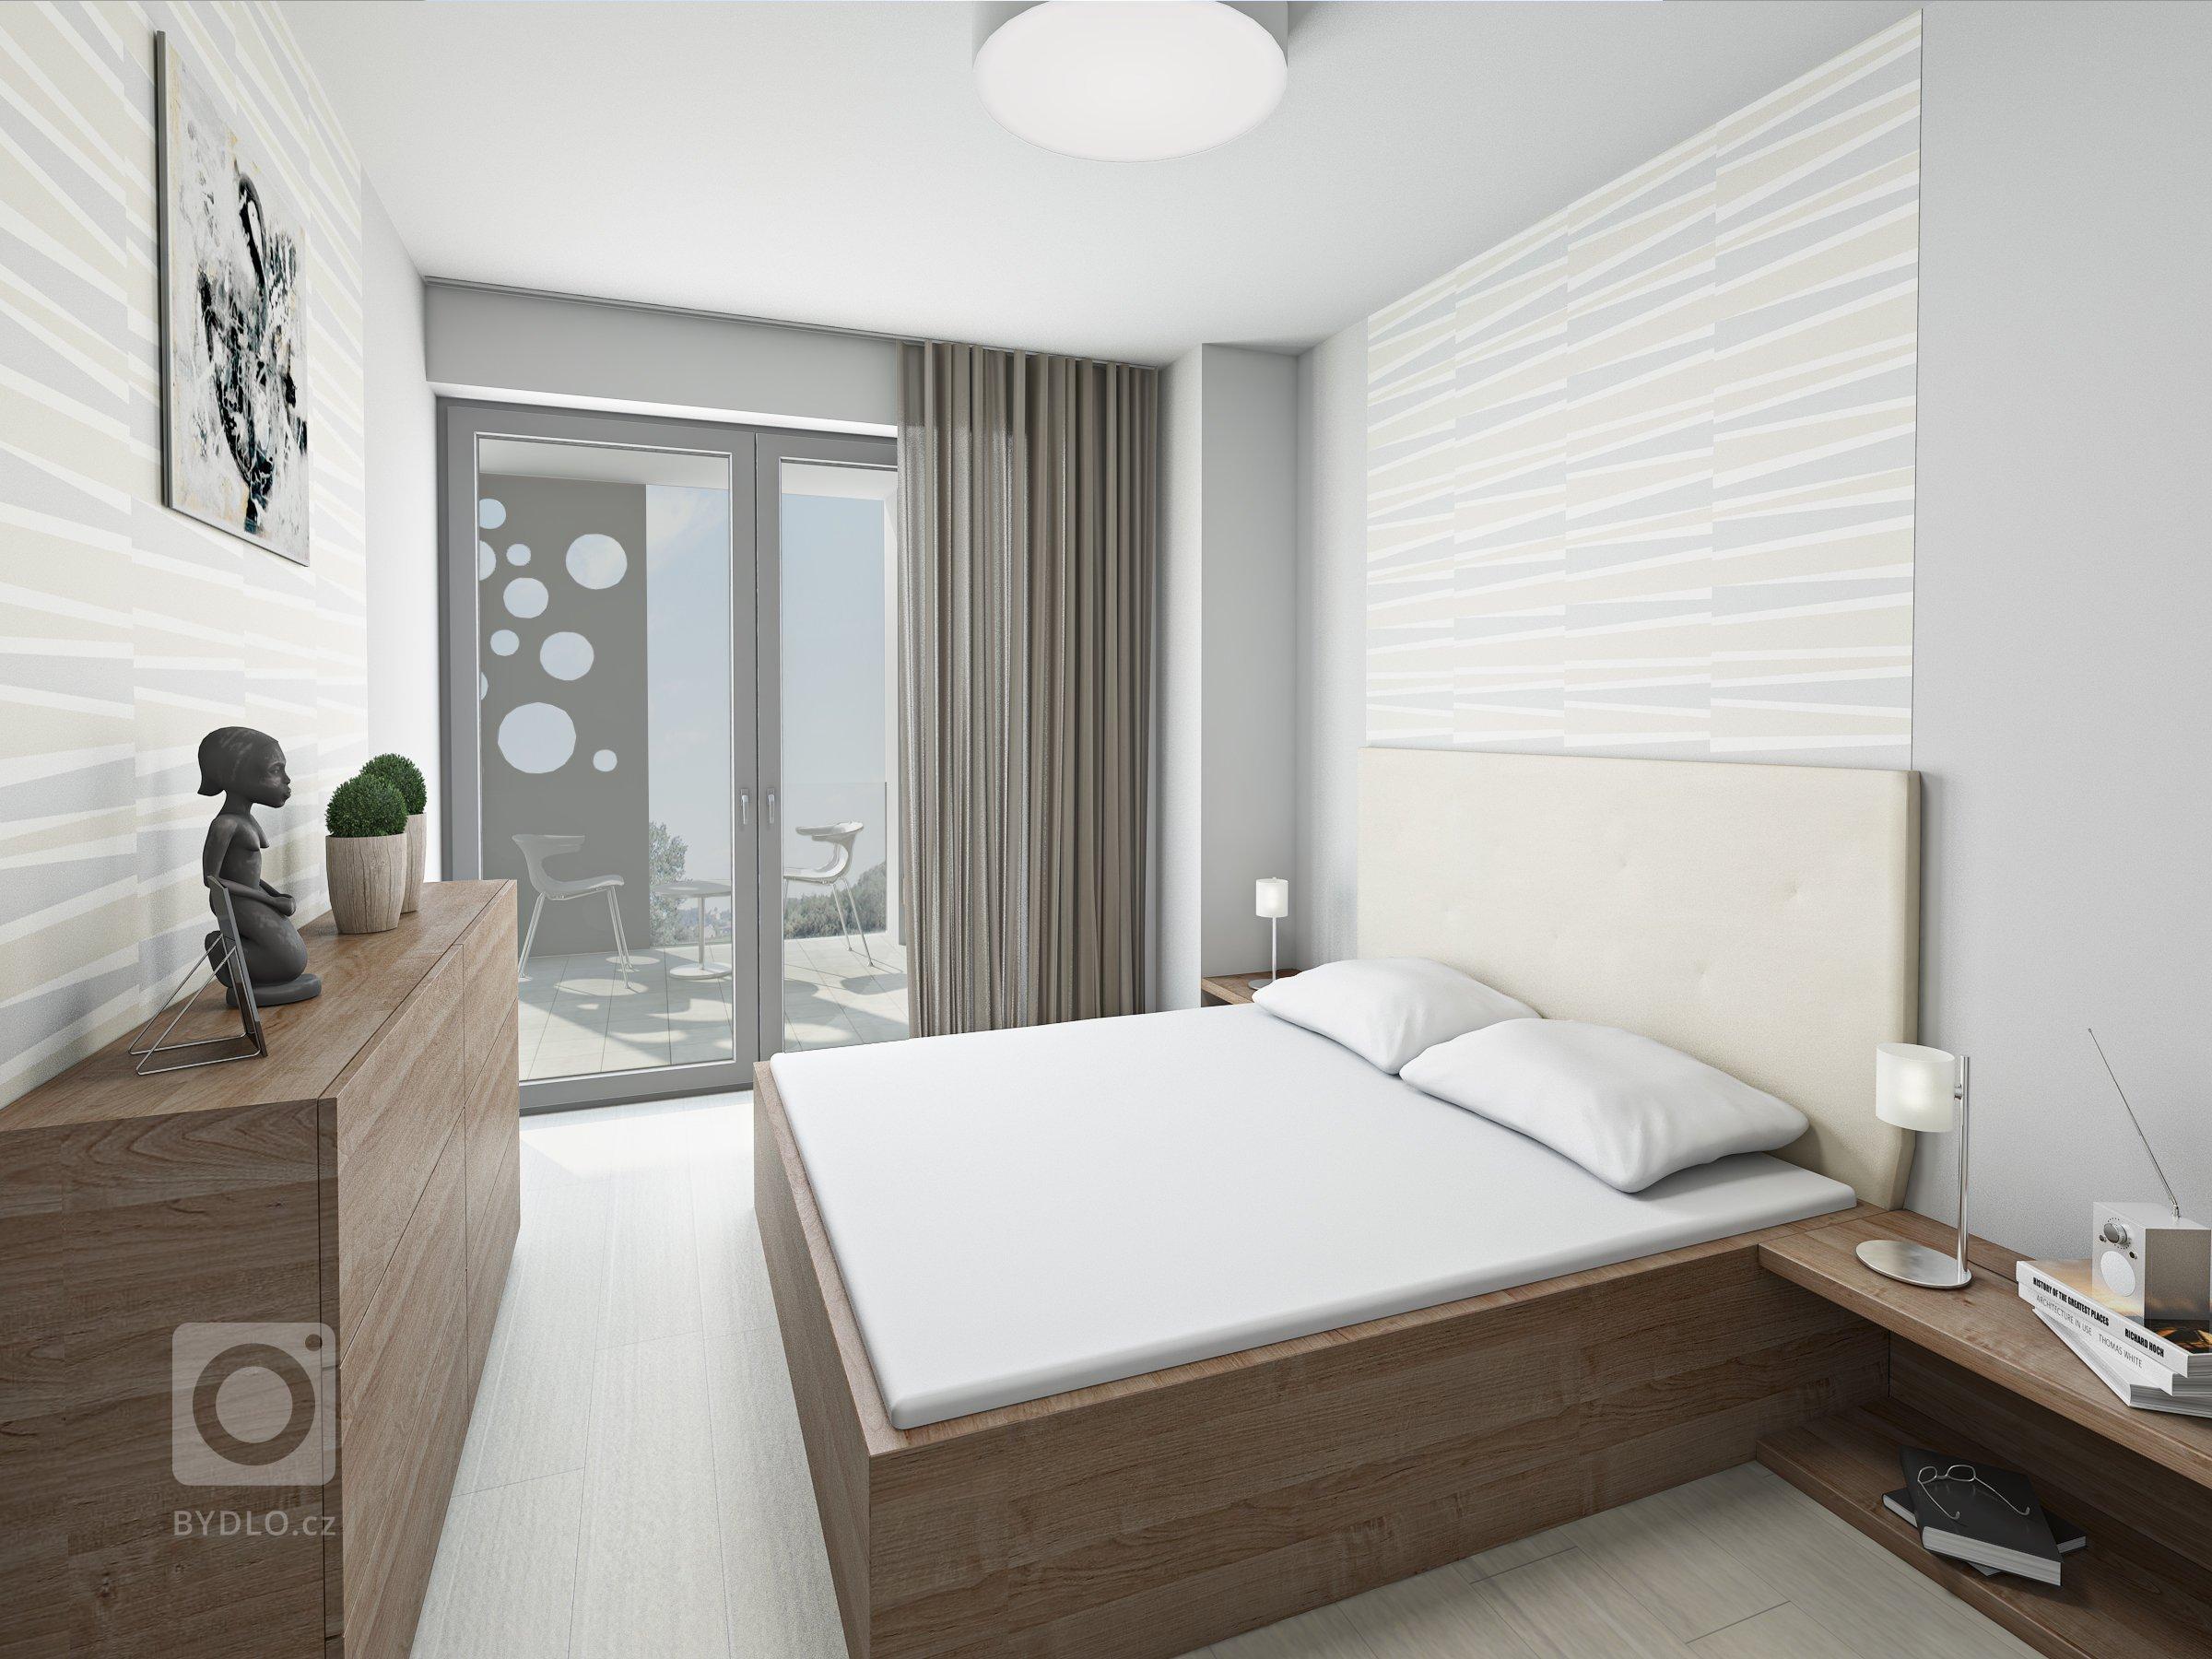 Vizualizace bytu 2+kk v připravované novostavbě bytového domu v Kroměříži. Celý byt je laděný do přírodních tónů. Použité materiály - bílý lak v kombinaci s…